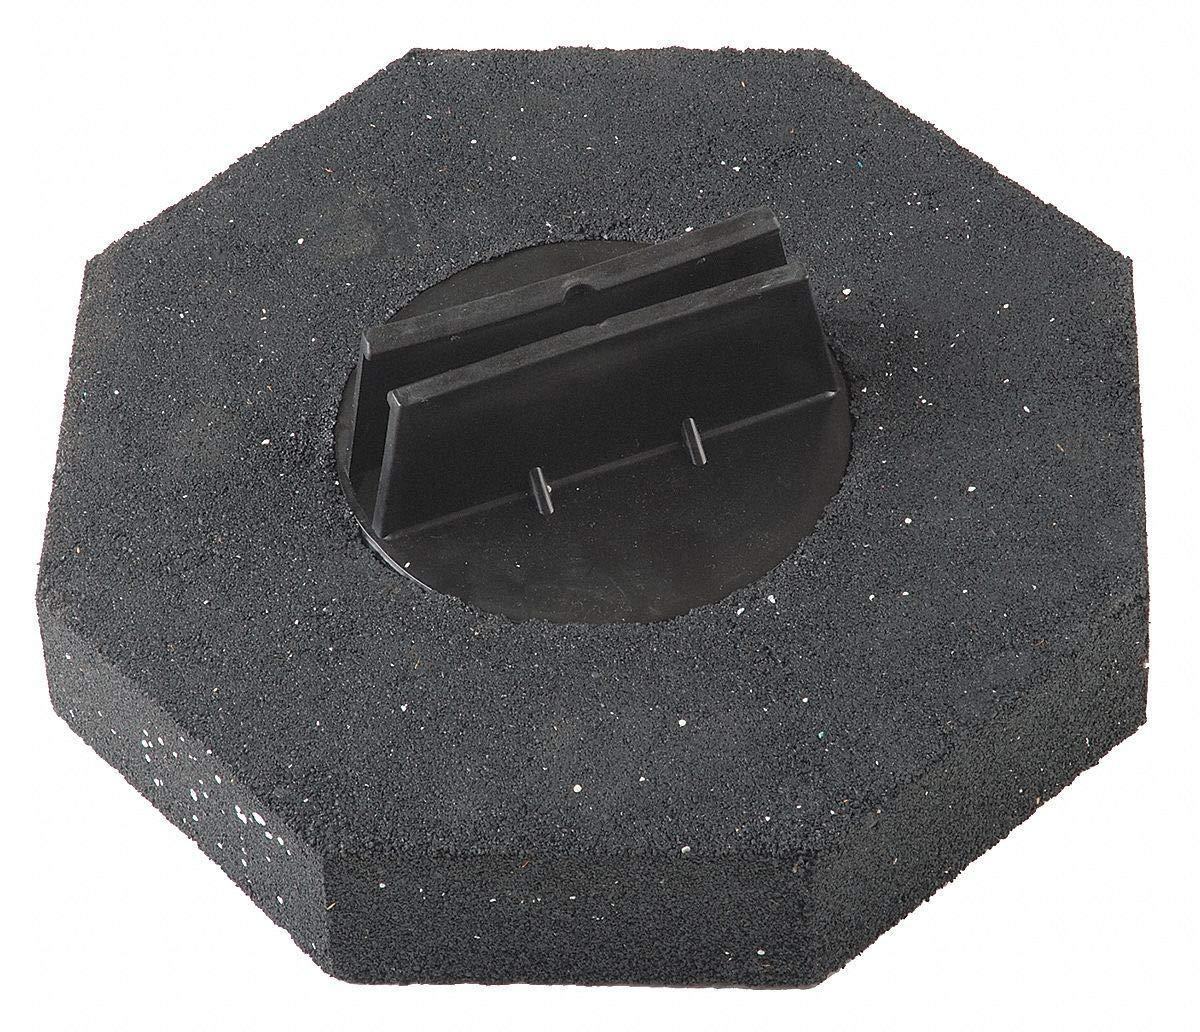 Barricade Weight, Black, 16'' x 16'' x 3'', 16 lb, Polypropylene/Rubber